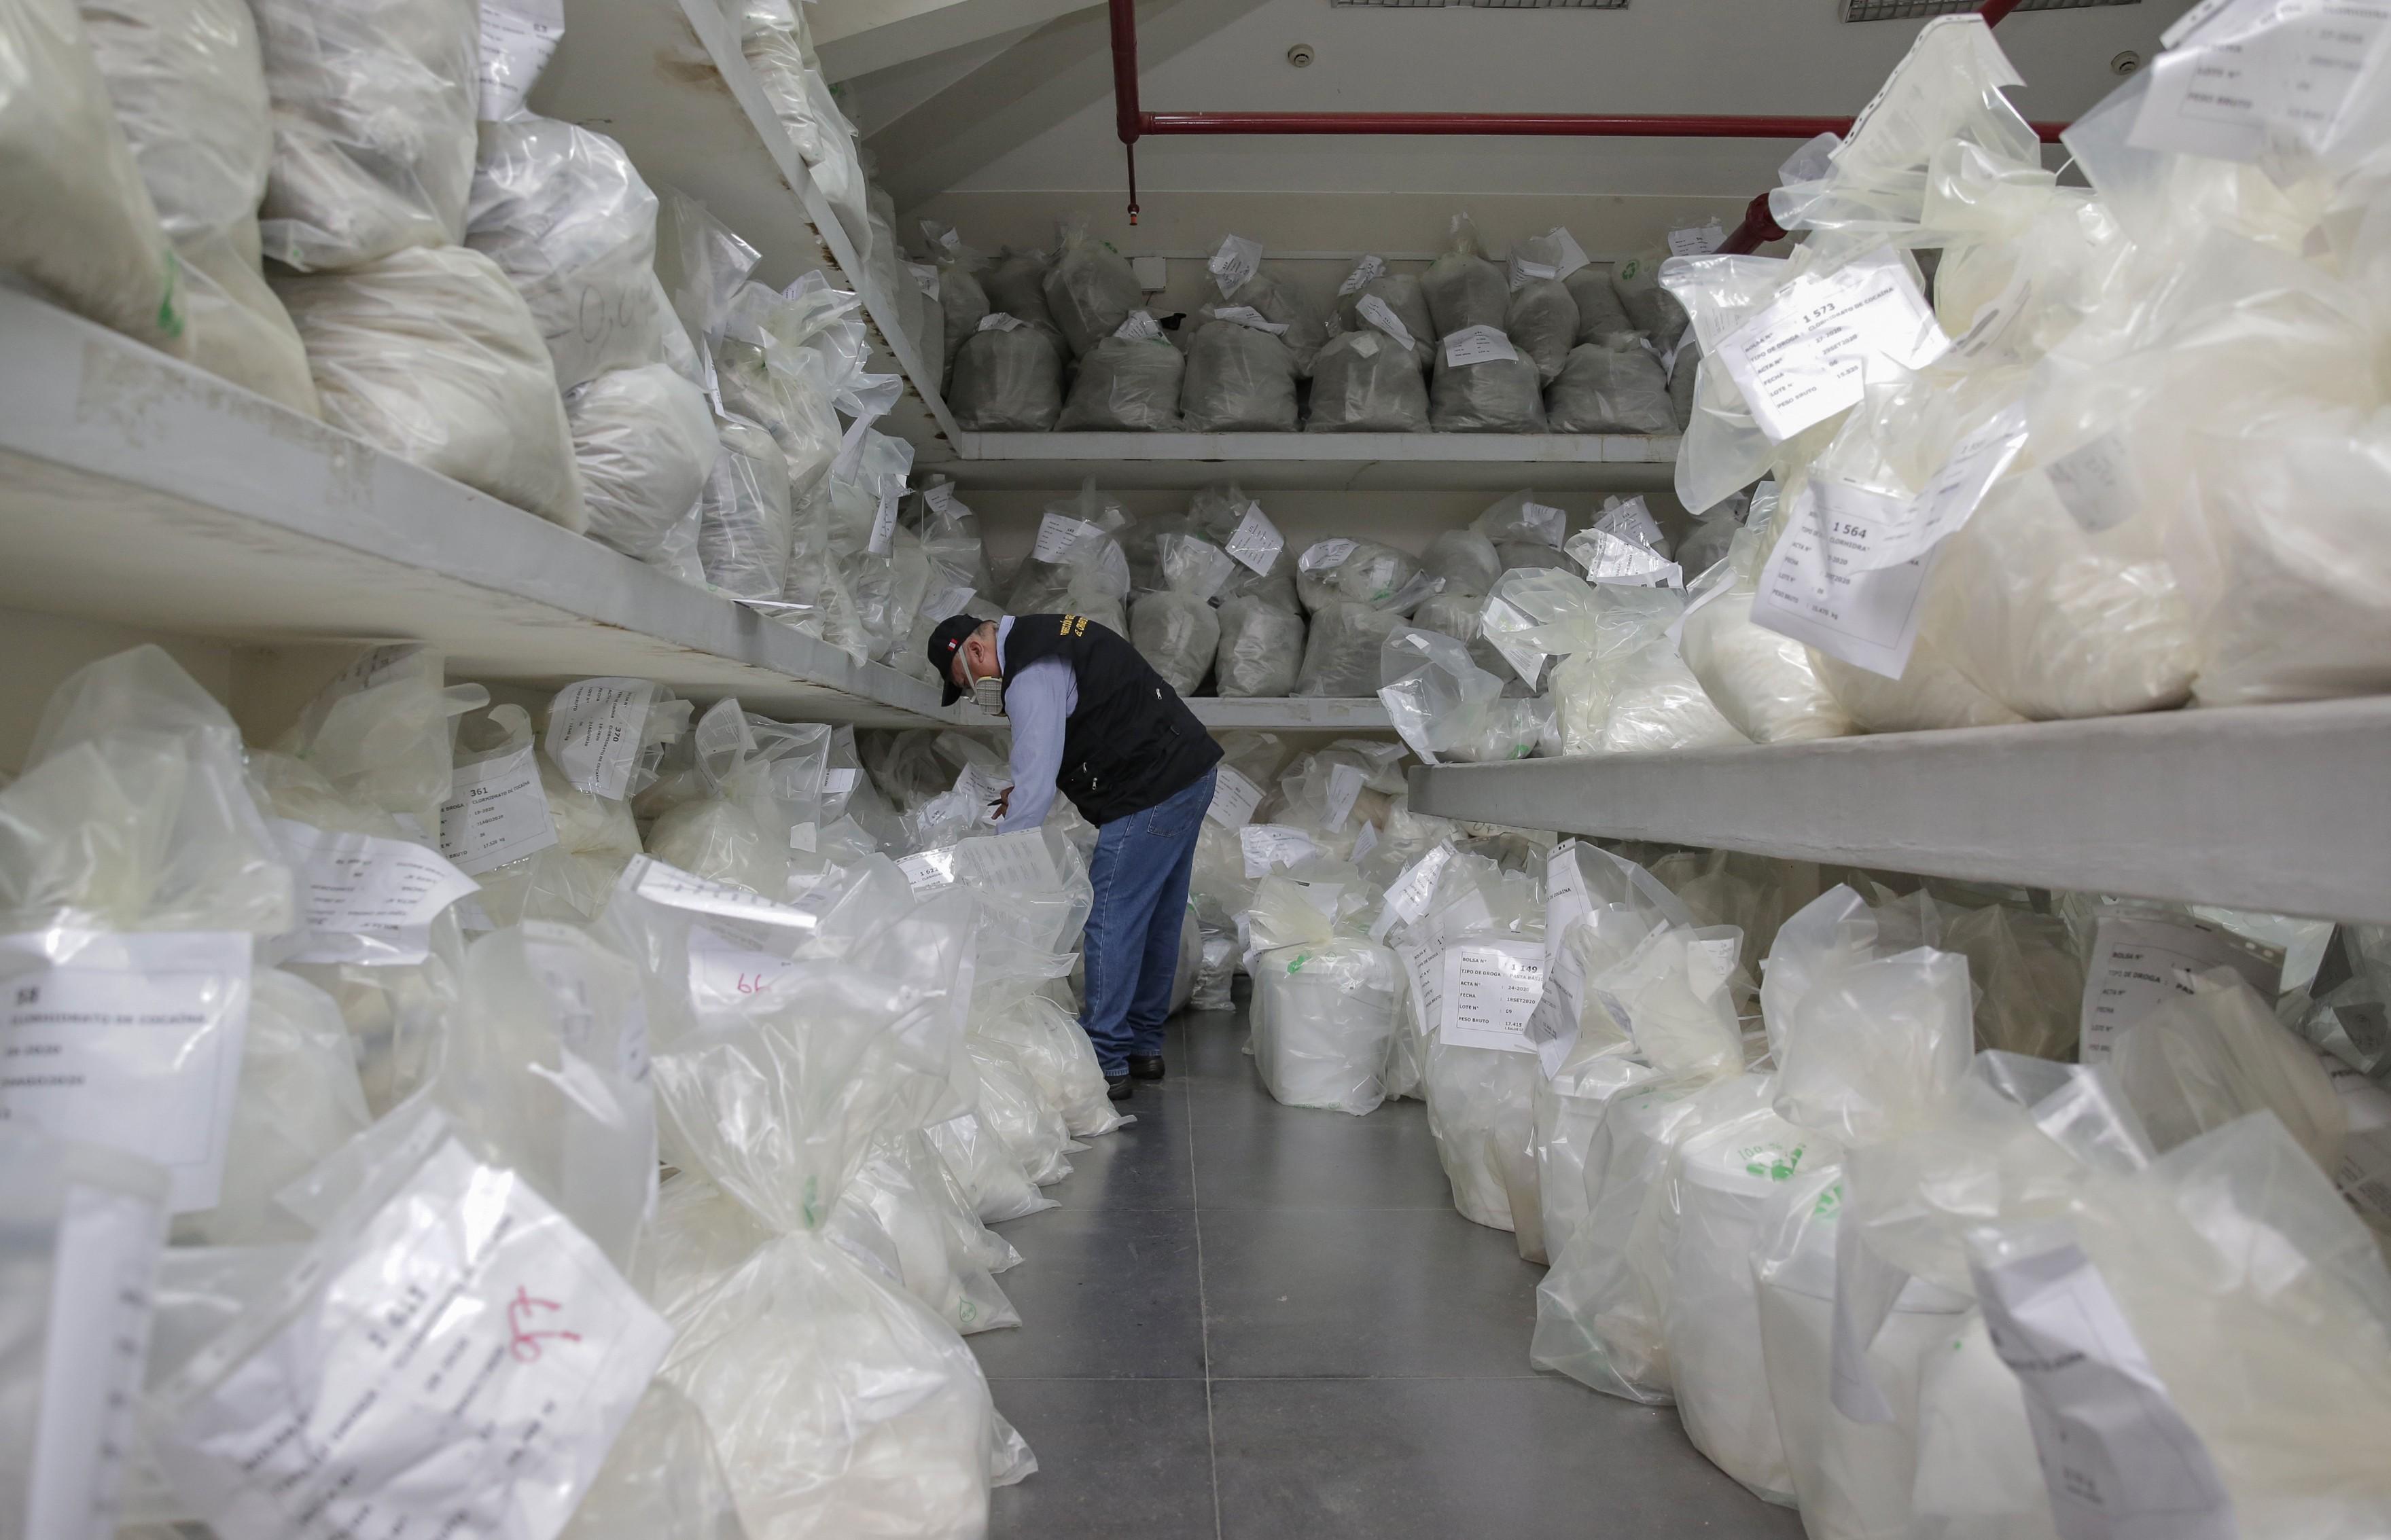 Polícia peruana incinera mais de 19 toneladas de drogas apreendidas durante a pandemia